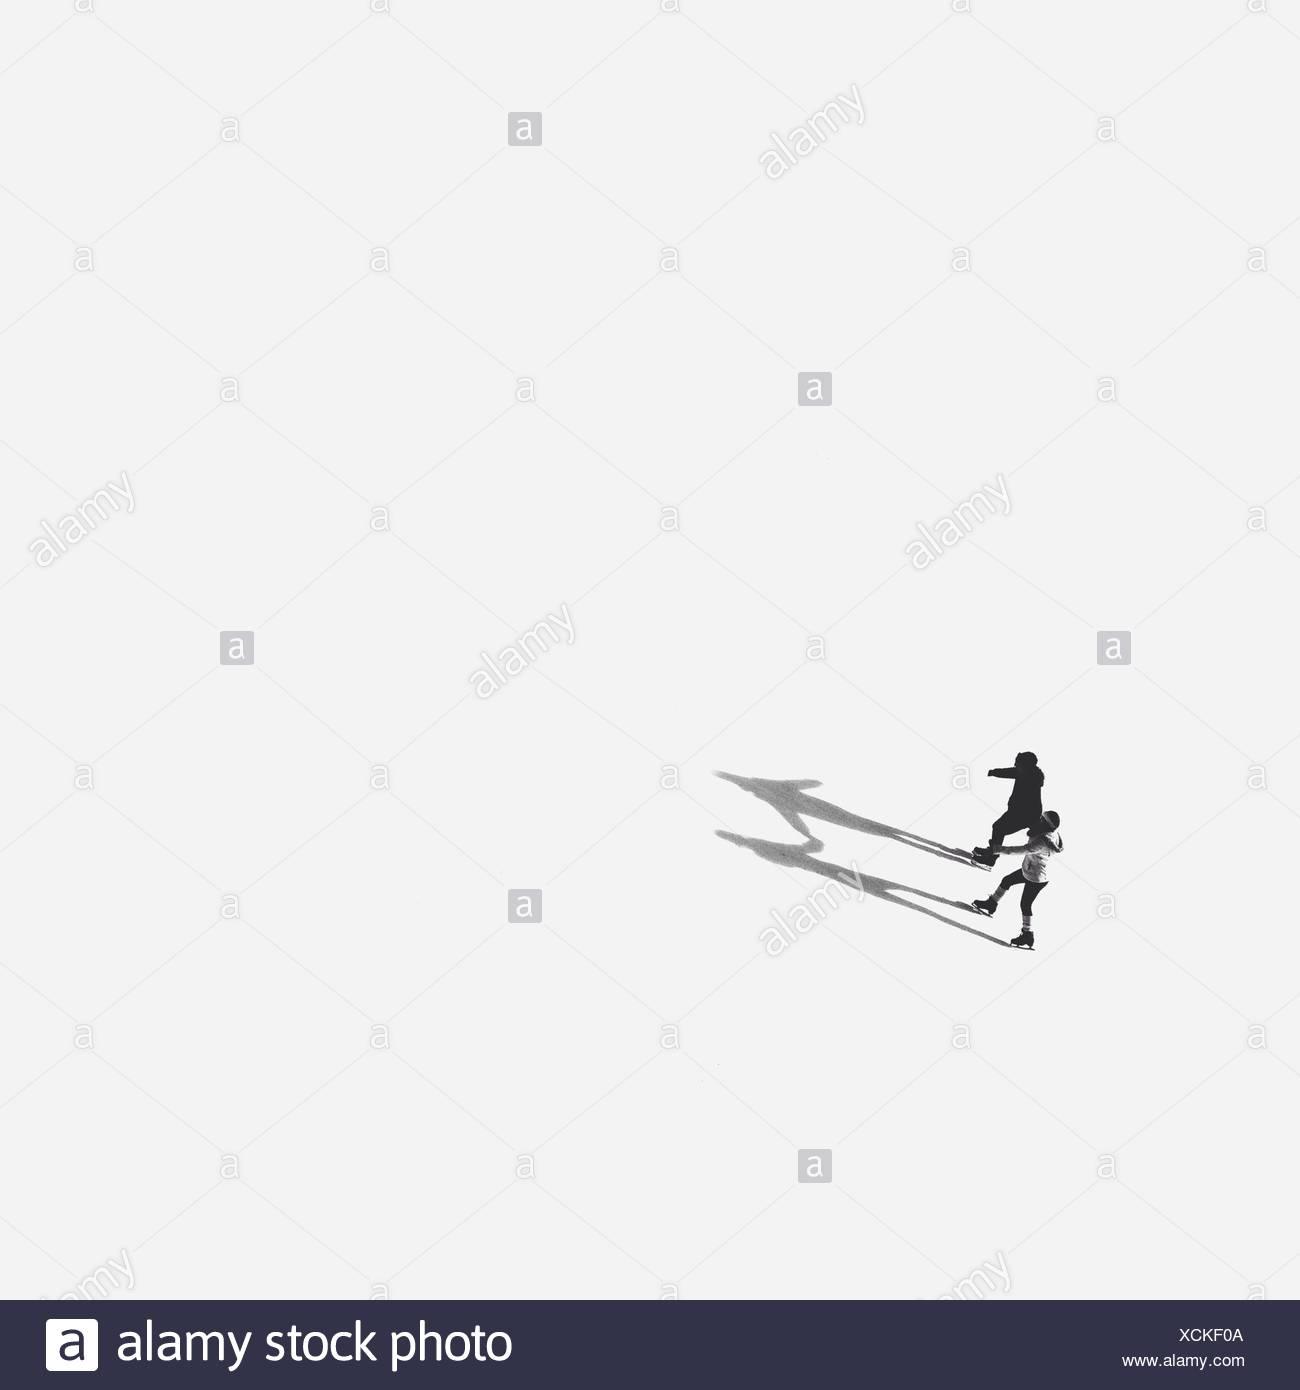 High Angle View Of Menschen Eislaufen am zugefrorenen See Stockbild